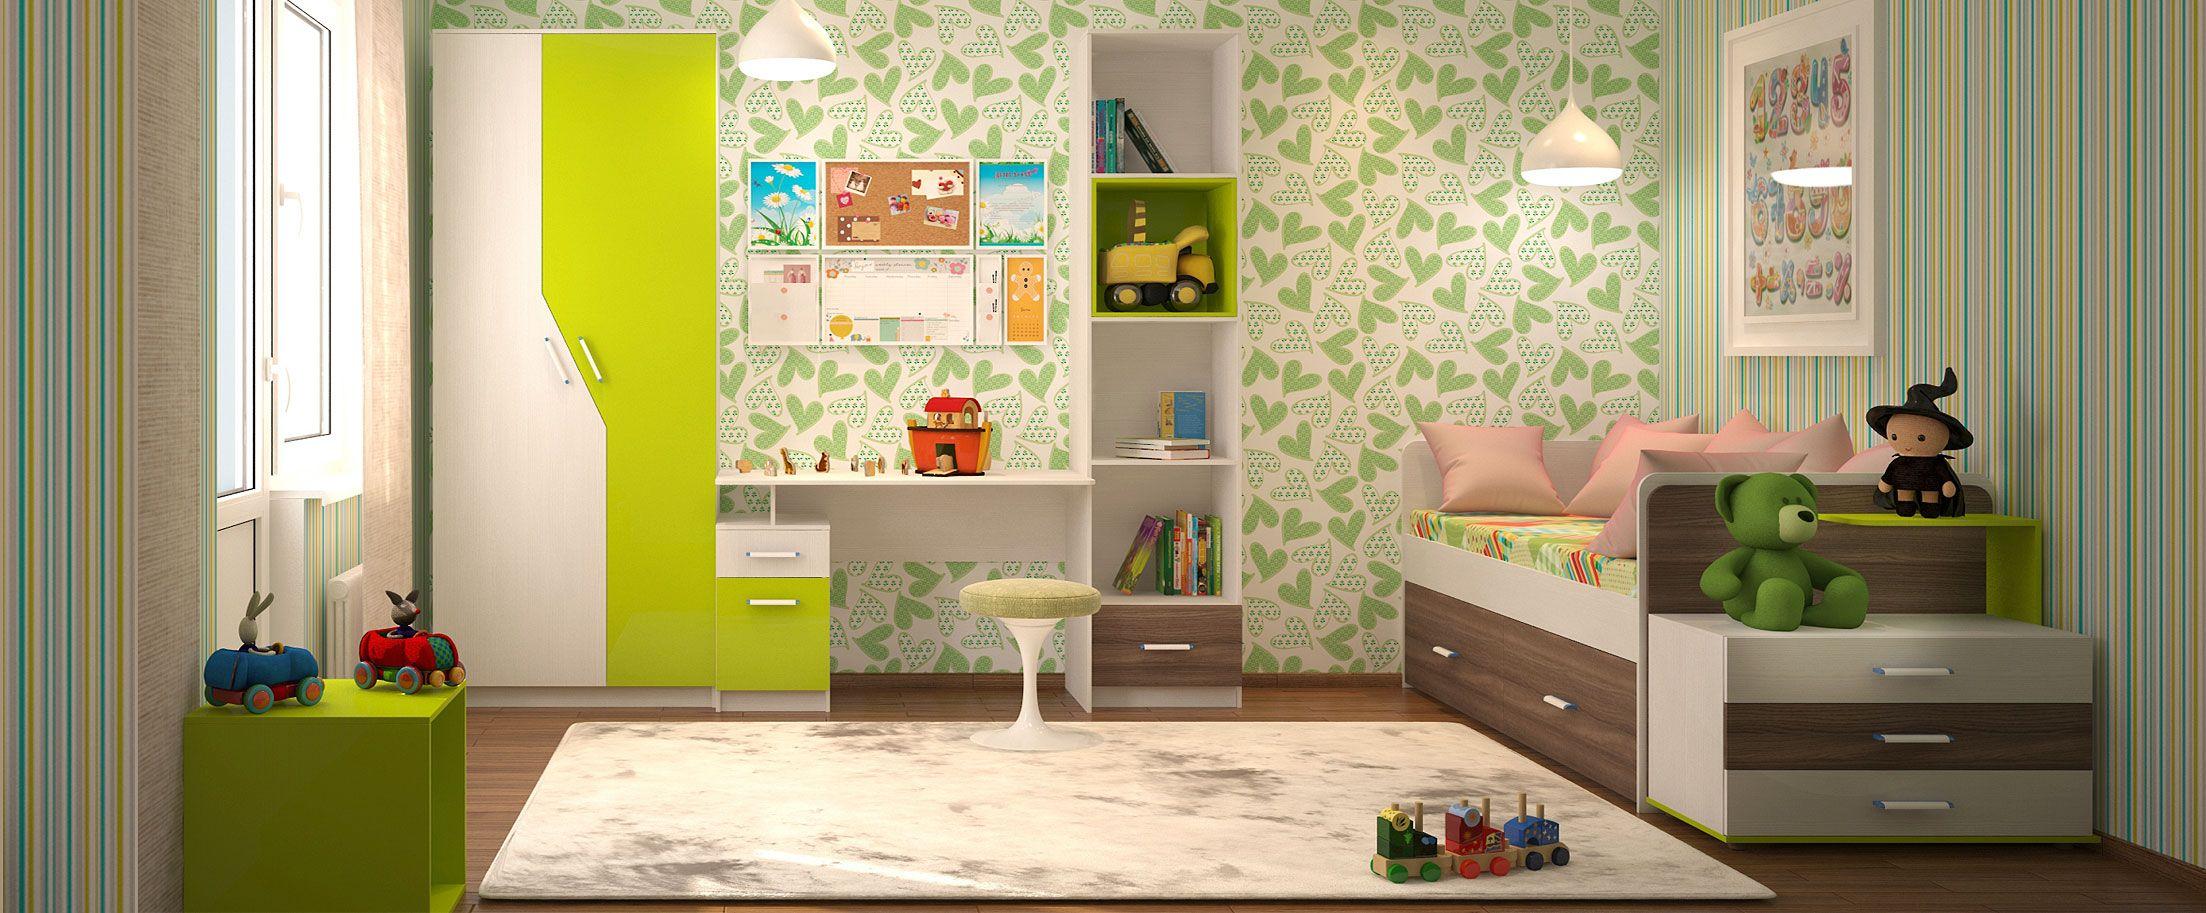 Детская цвета лайм Скейт-5Купить набор уютной и комфортной детской мебели в интернет магазине MOON TRADE. Спальное место 80х190 см. Быстрая доставка, вынос упаковки, гарантия! Выгодная покупка!<br>